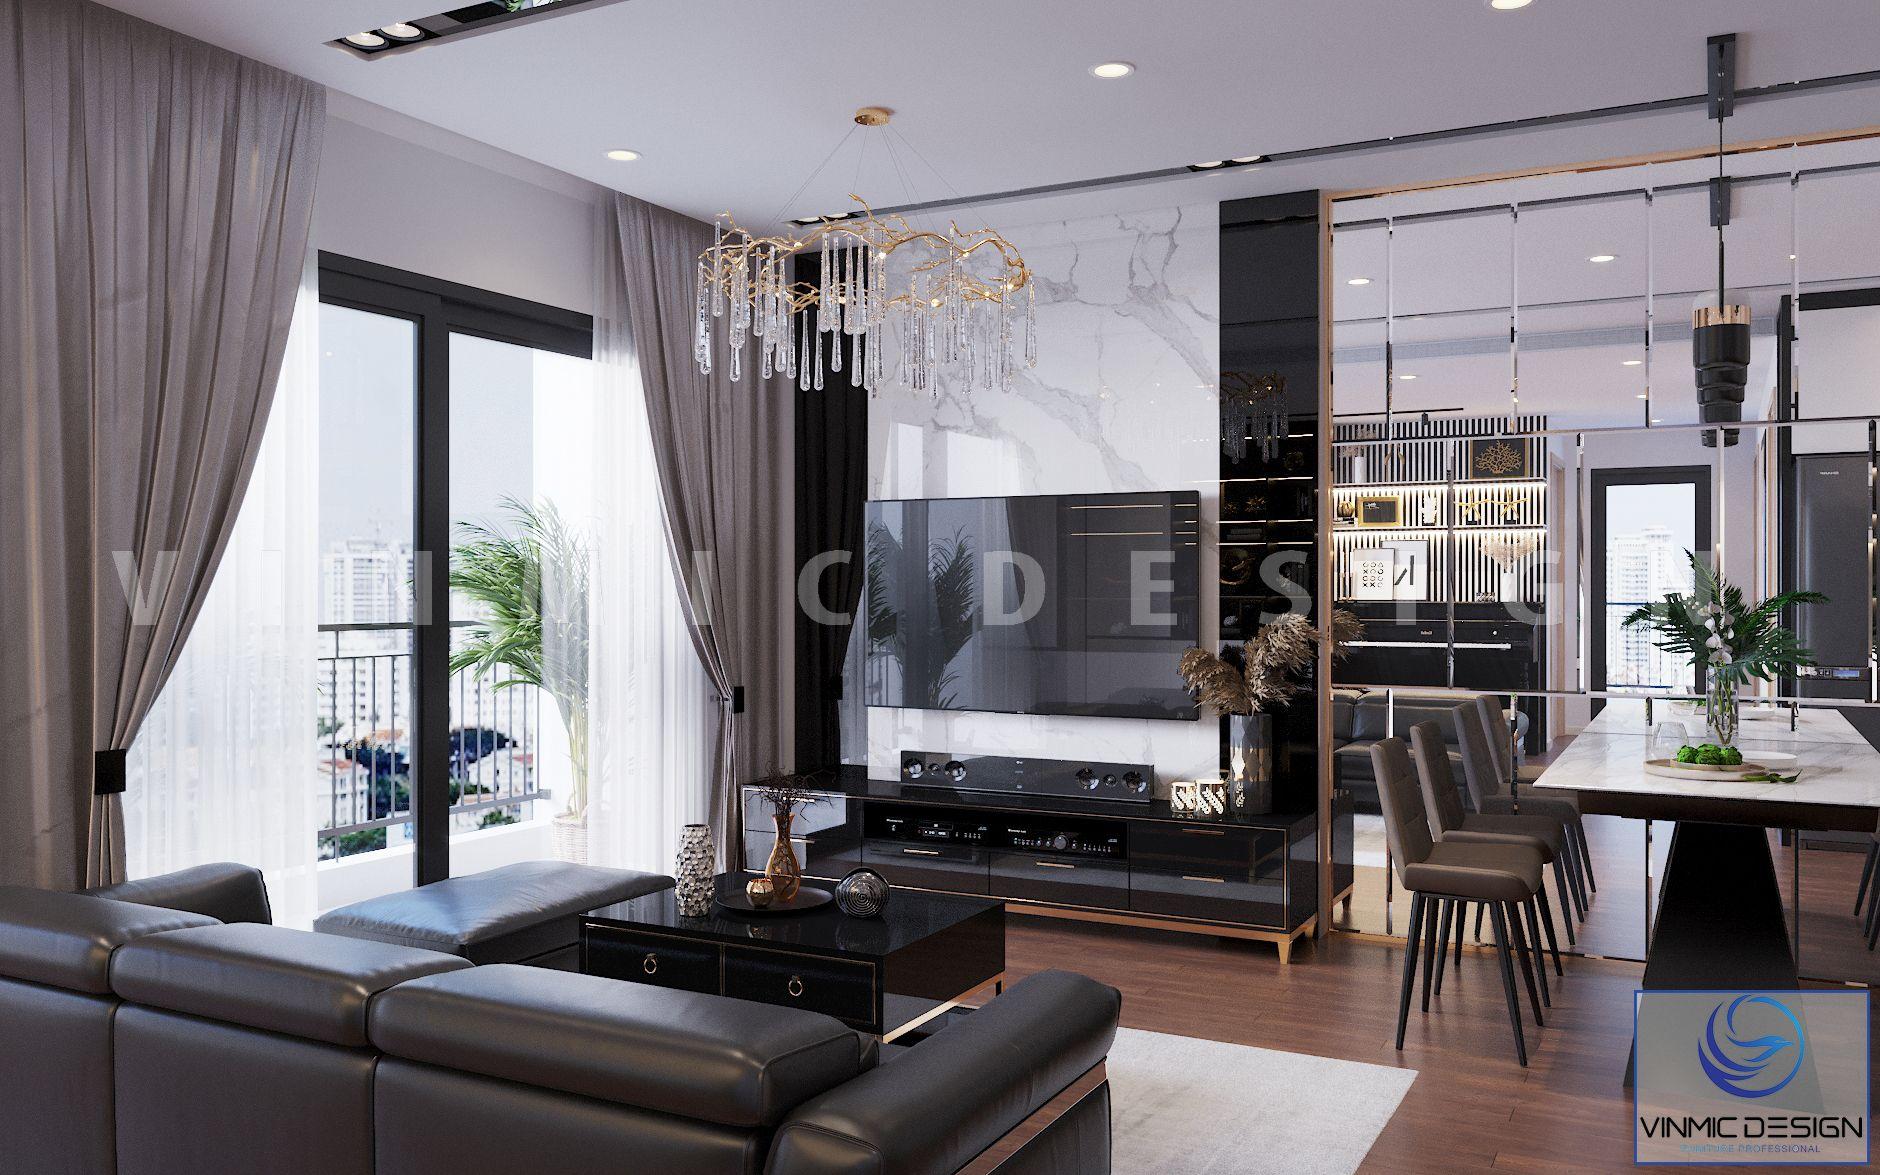 Thiết kế vách ốp kệ tivi với tone màu trắng đen nổi bật và sang trọng tại chung cư Vinhomes Ocean Park